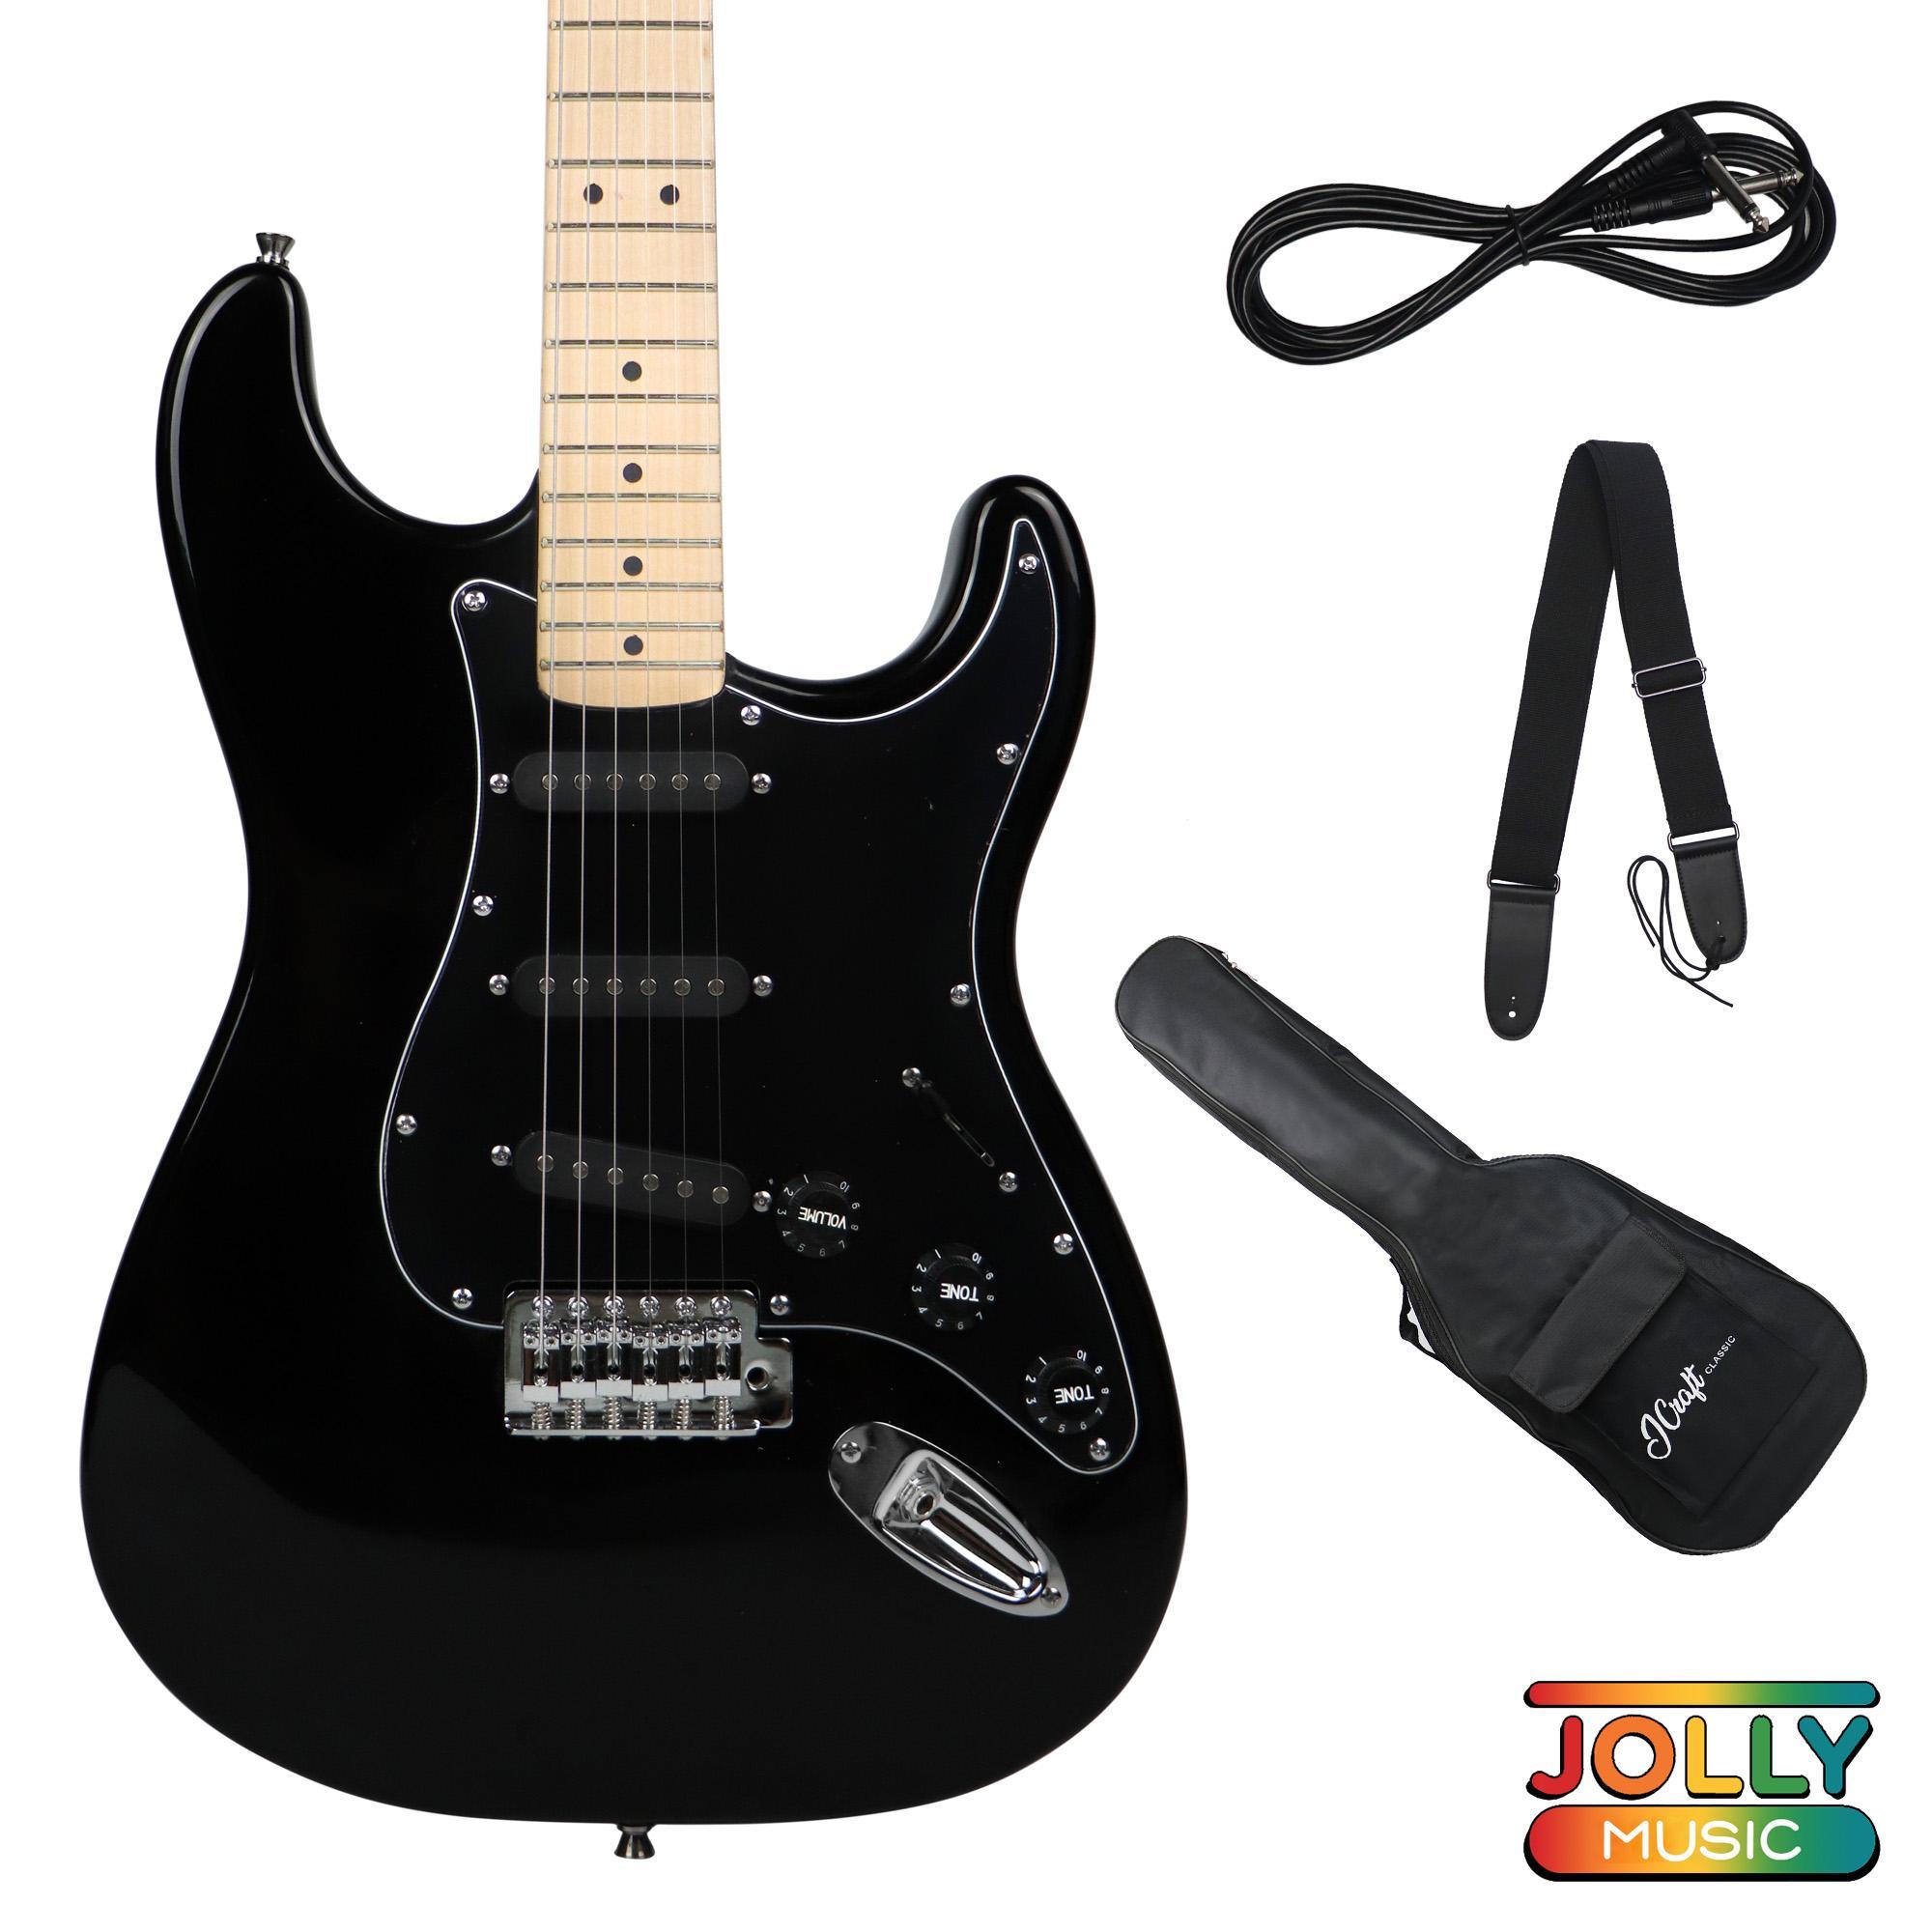 7450e57f184c J-Craft S-1 Stratocaster Electric Guitar